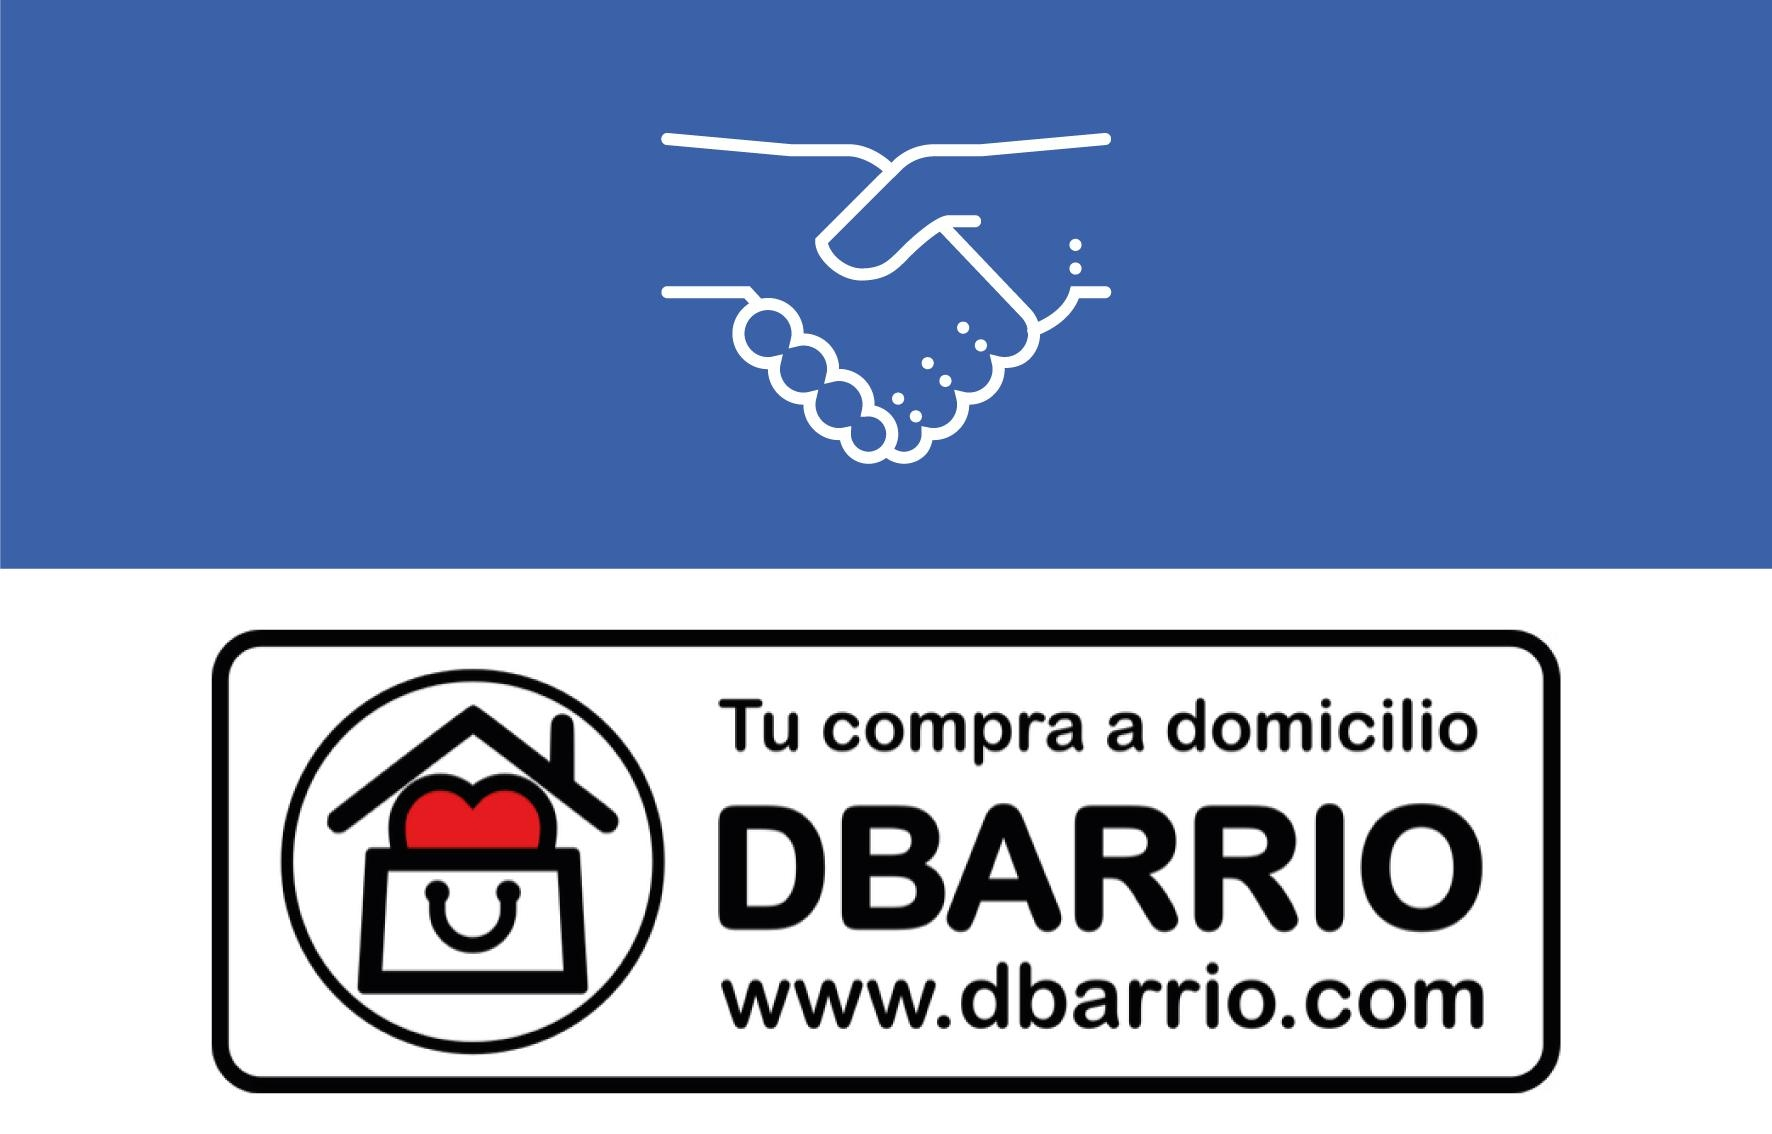 CONVENIO DEBARRIO